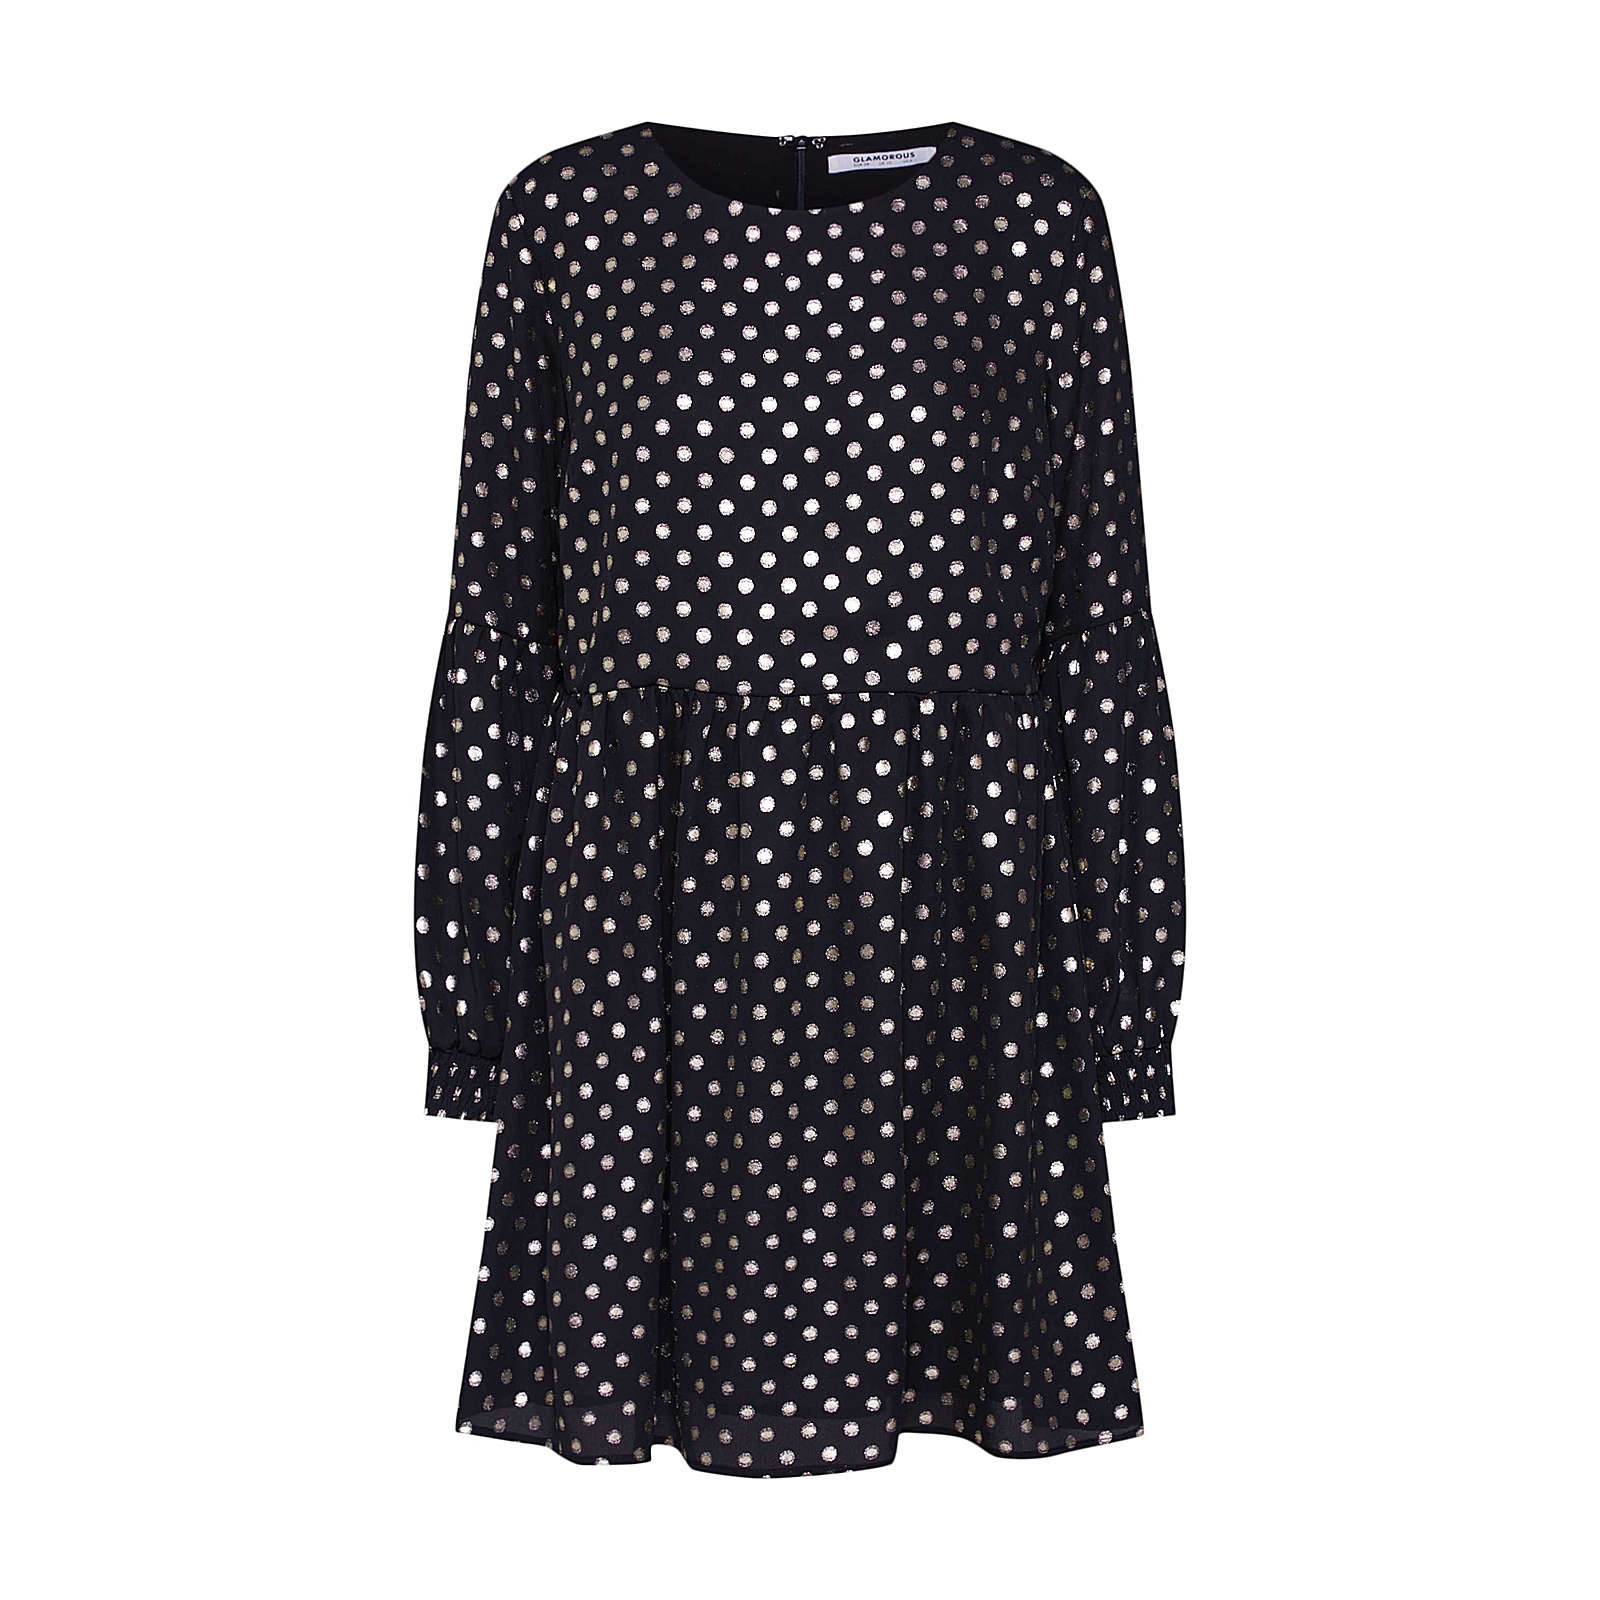 GLAMOROUS Sommerkleid Sommerkleider schwarz Damen Gr. 34